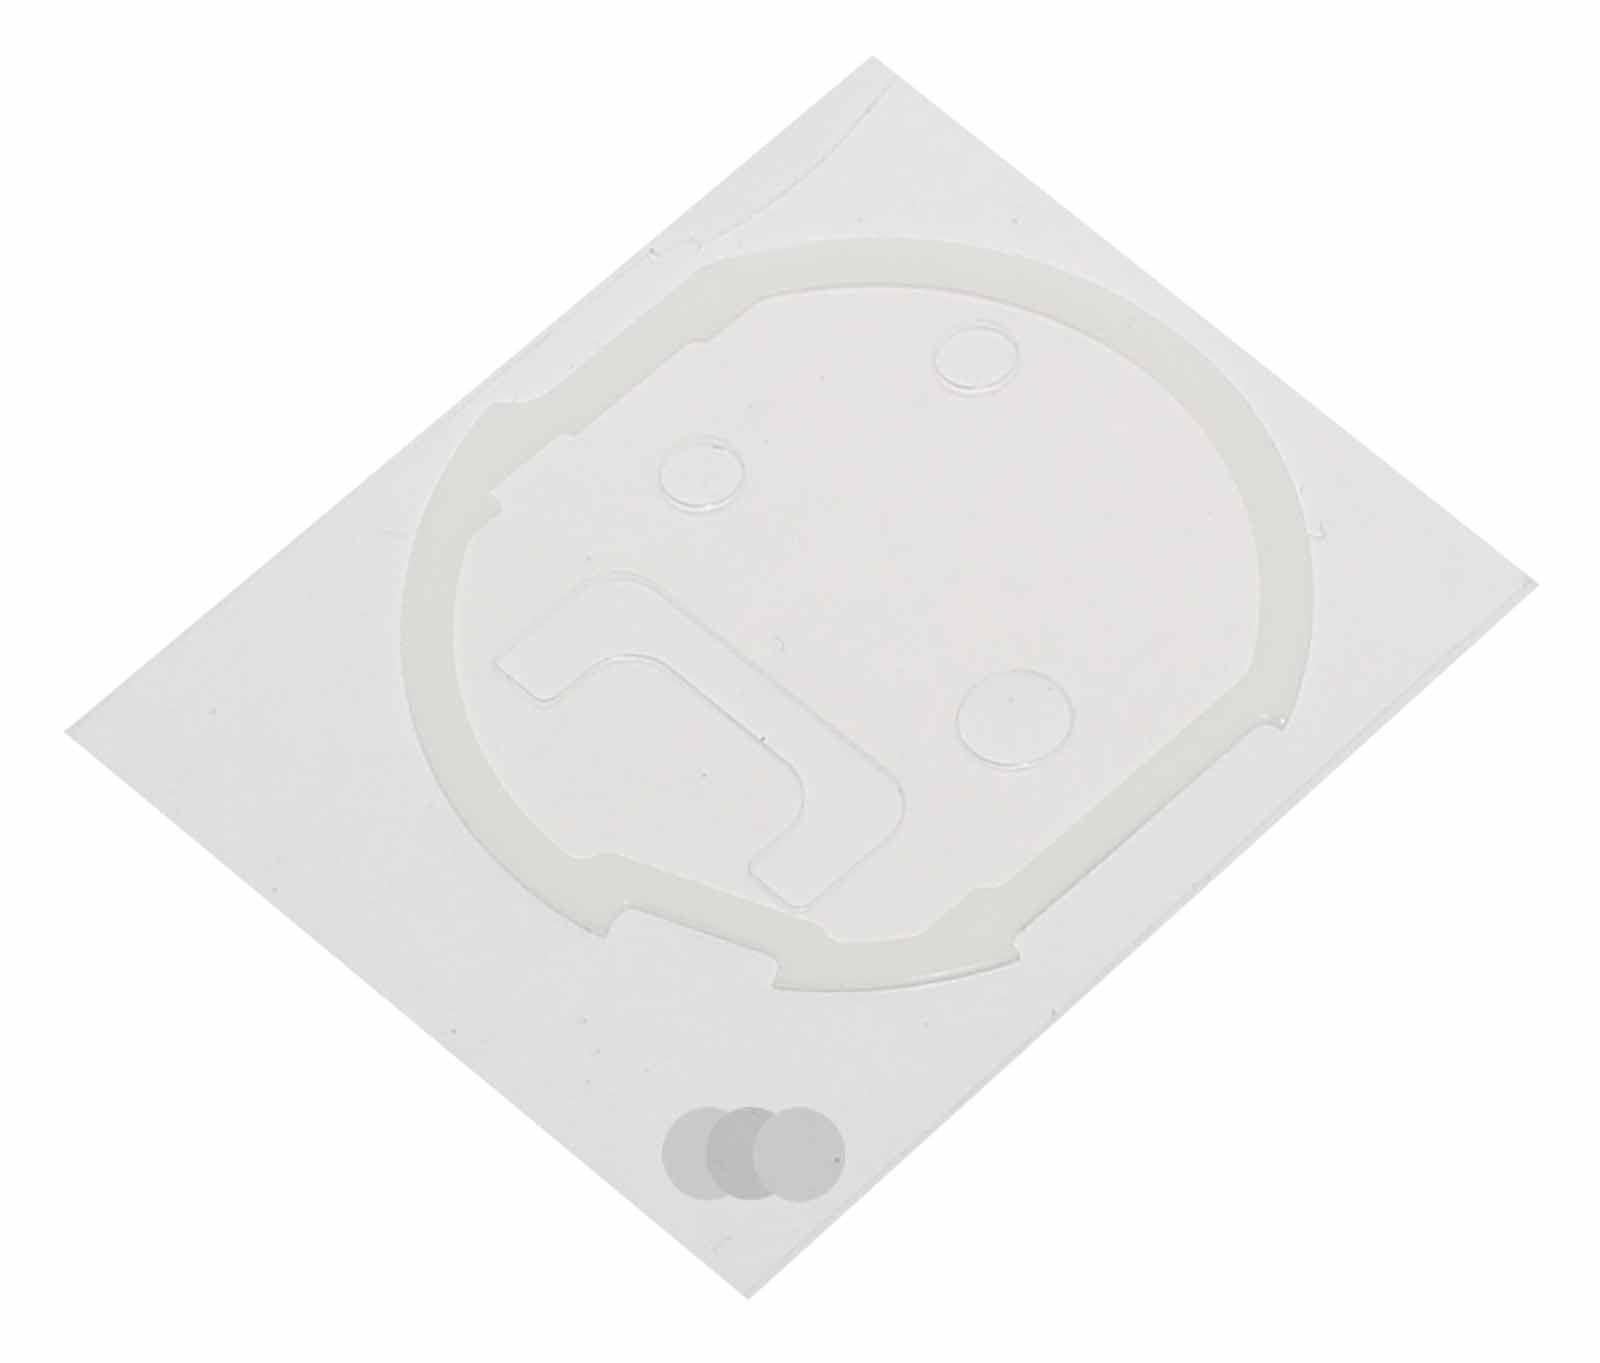 Kleber für hintere Glasabdeckung Batteriefachdeckel für Samsung Gear S3 Frontier R760, R765, Classic R770, GH02-13391A